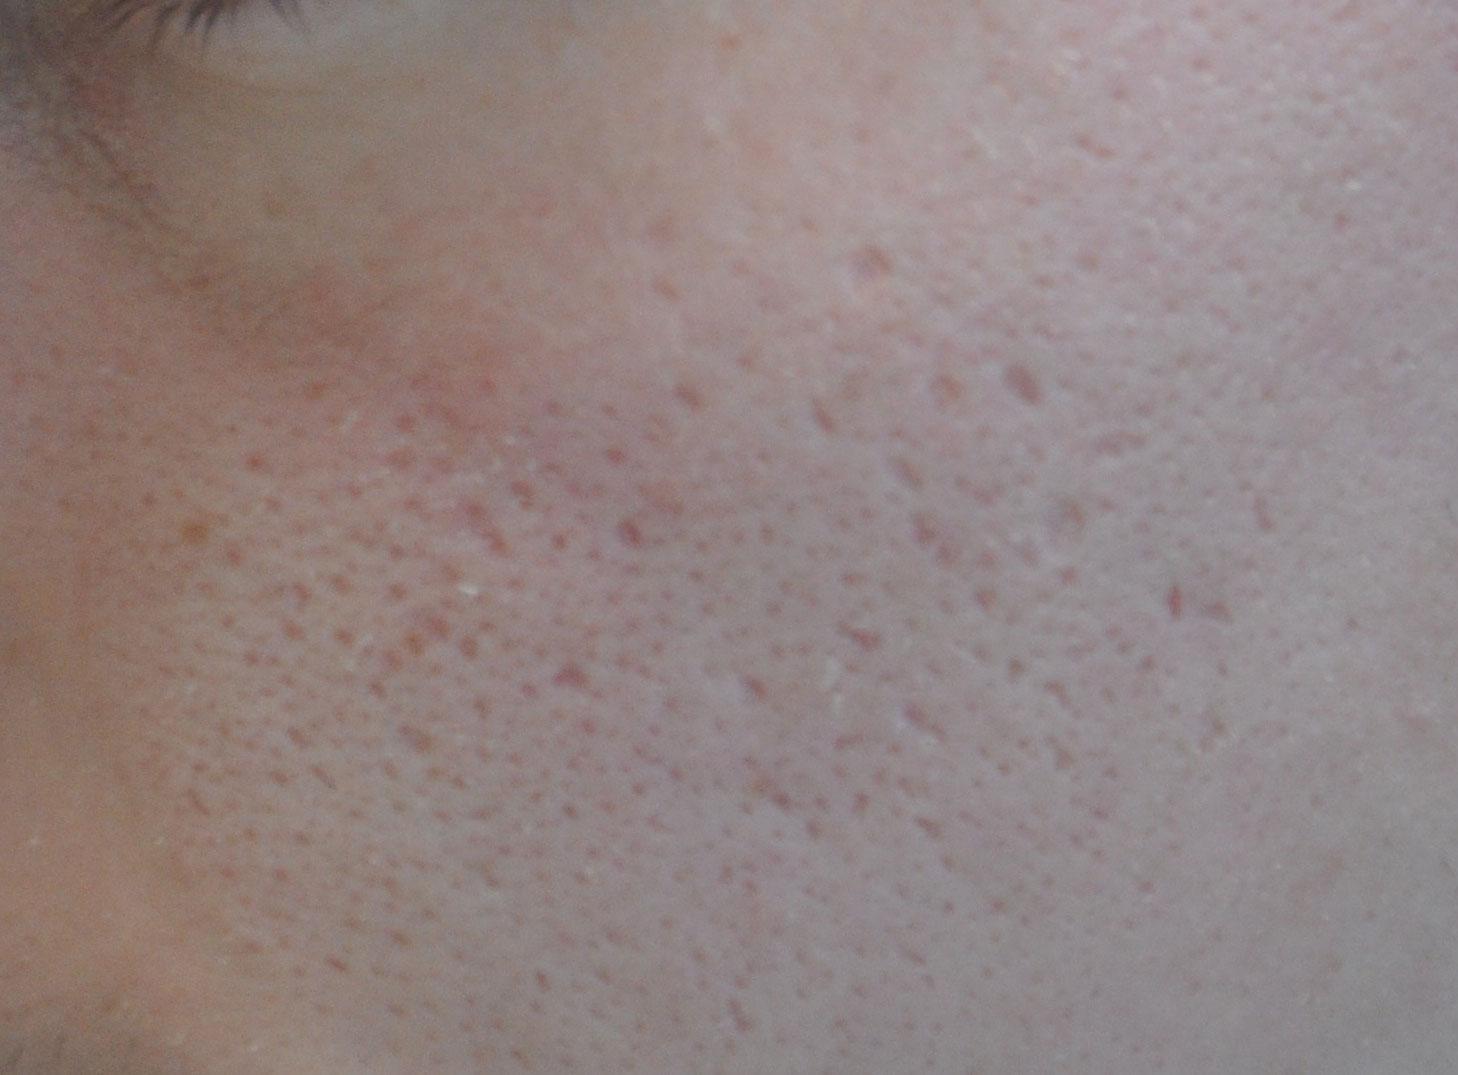 Comment effacer les cicatrices d'acné